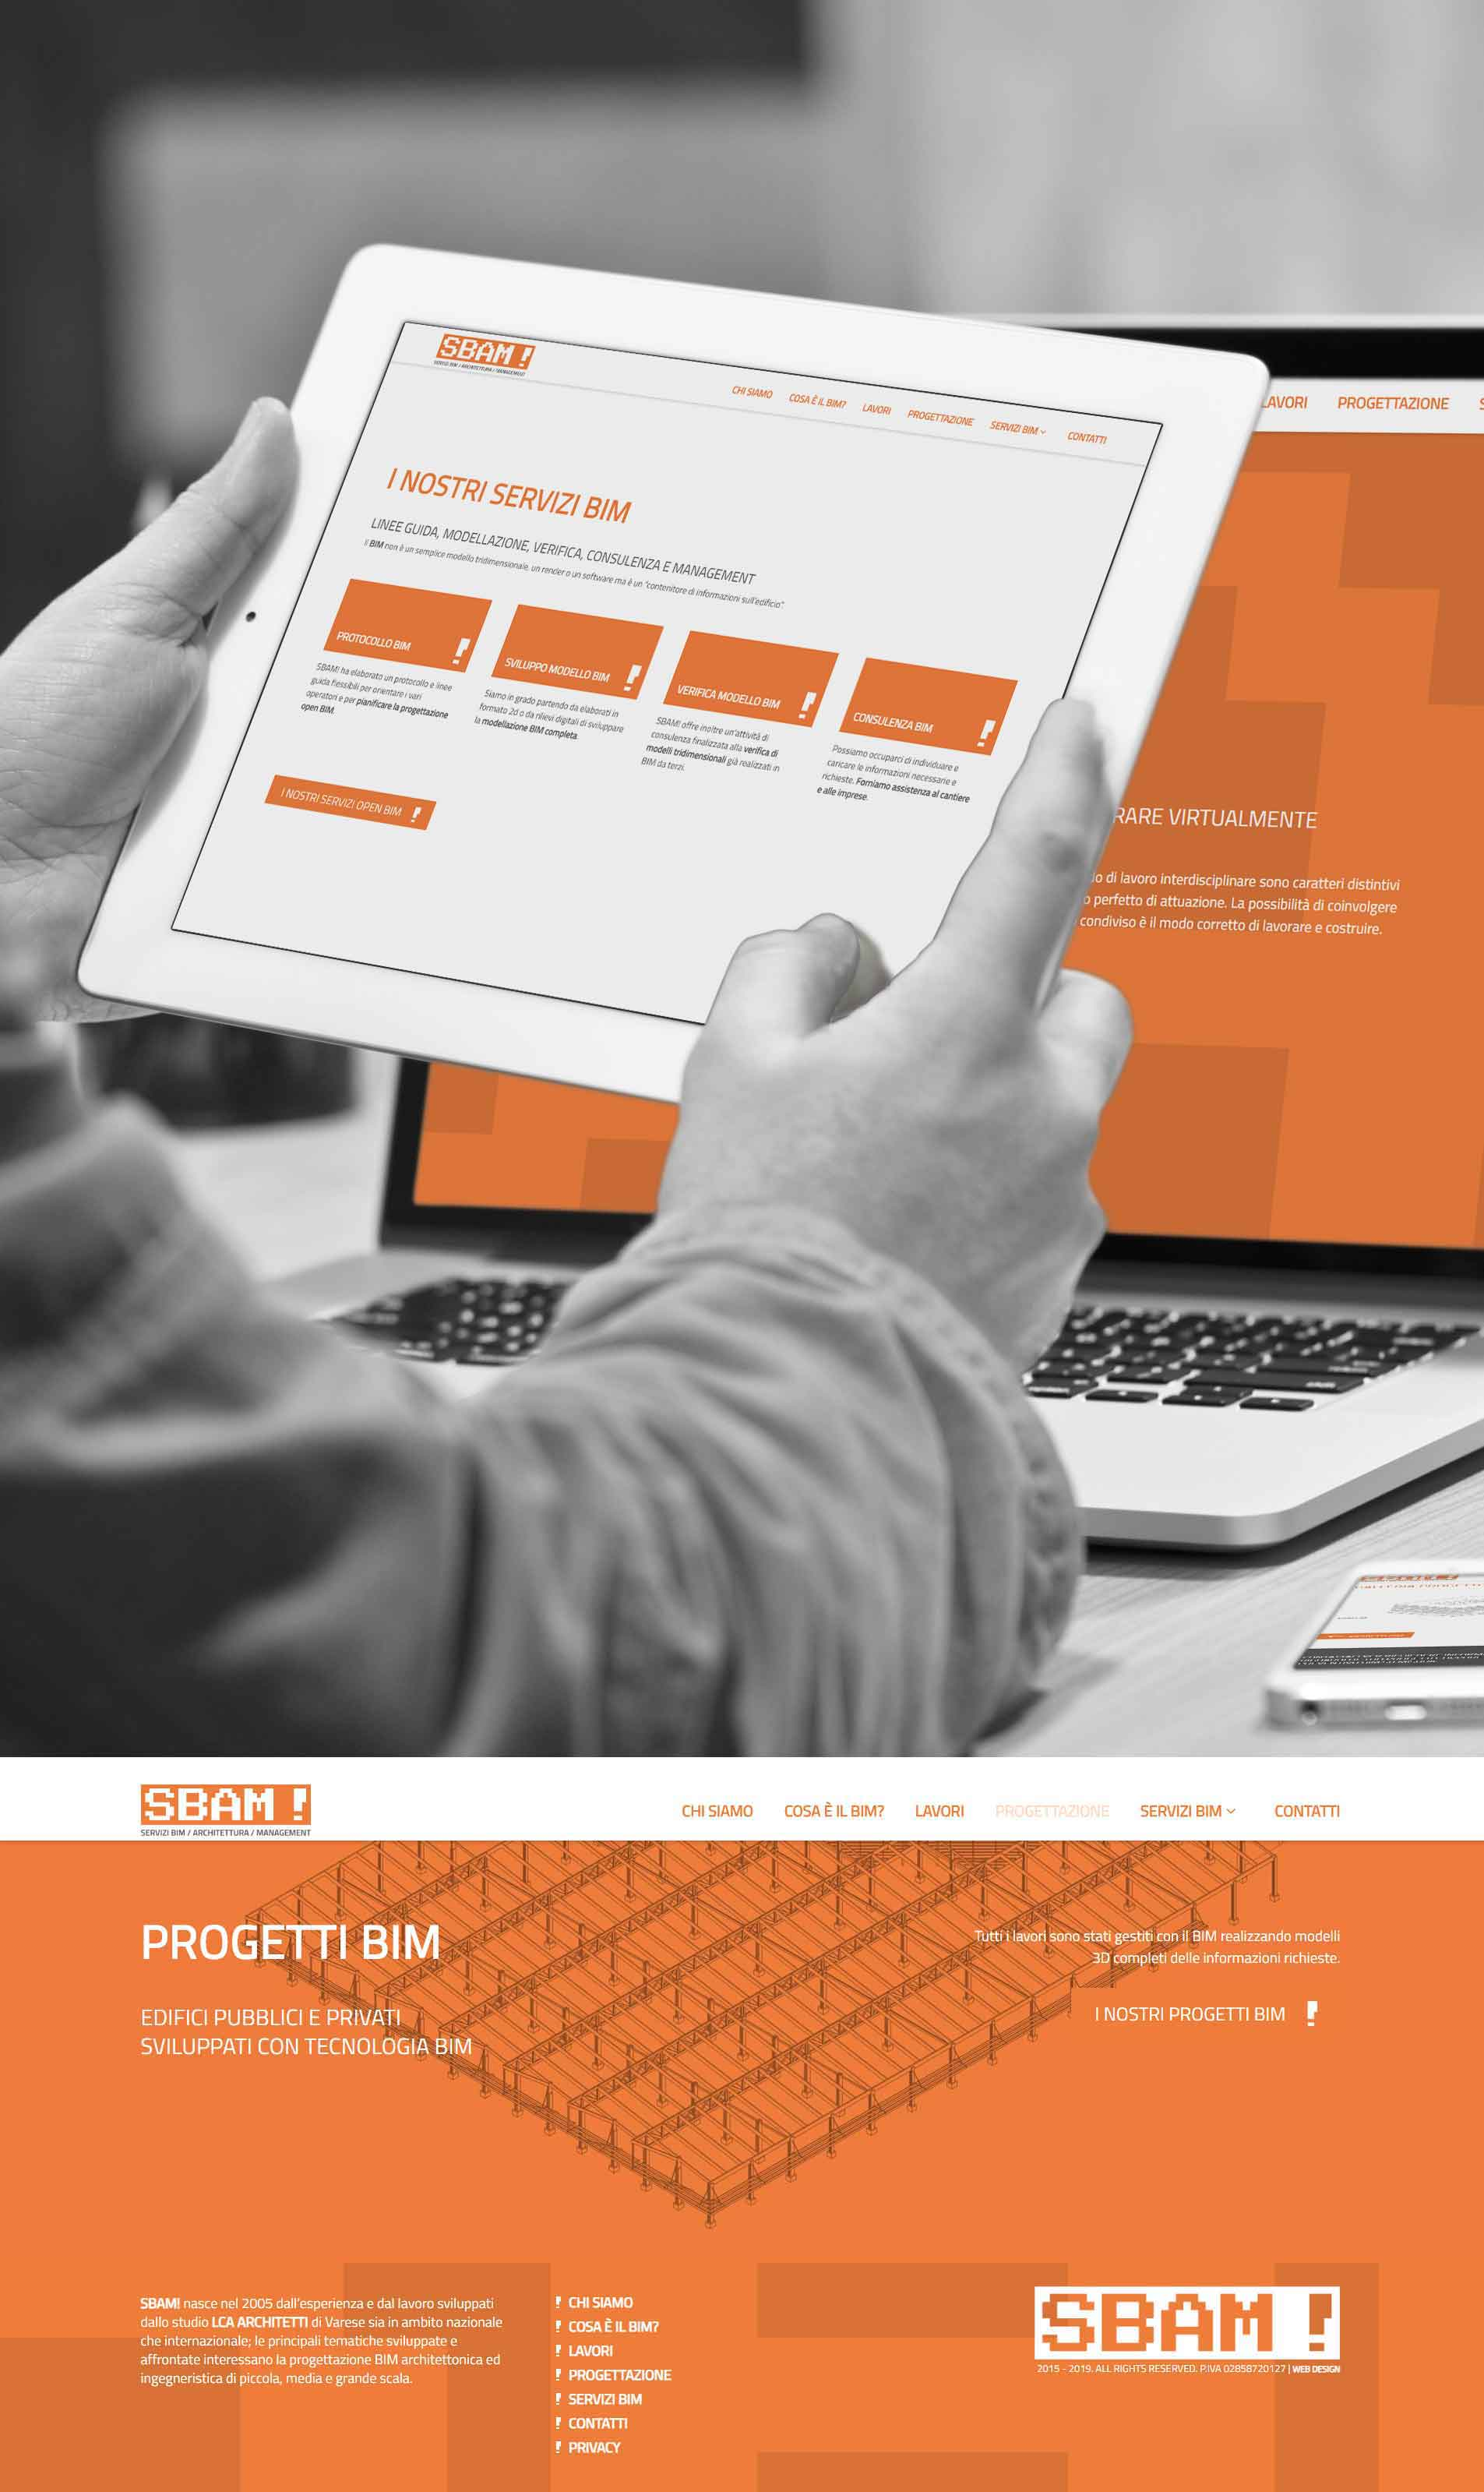 Design sito internet azienda